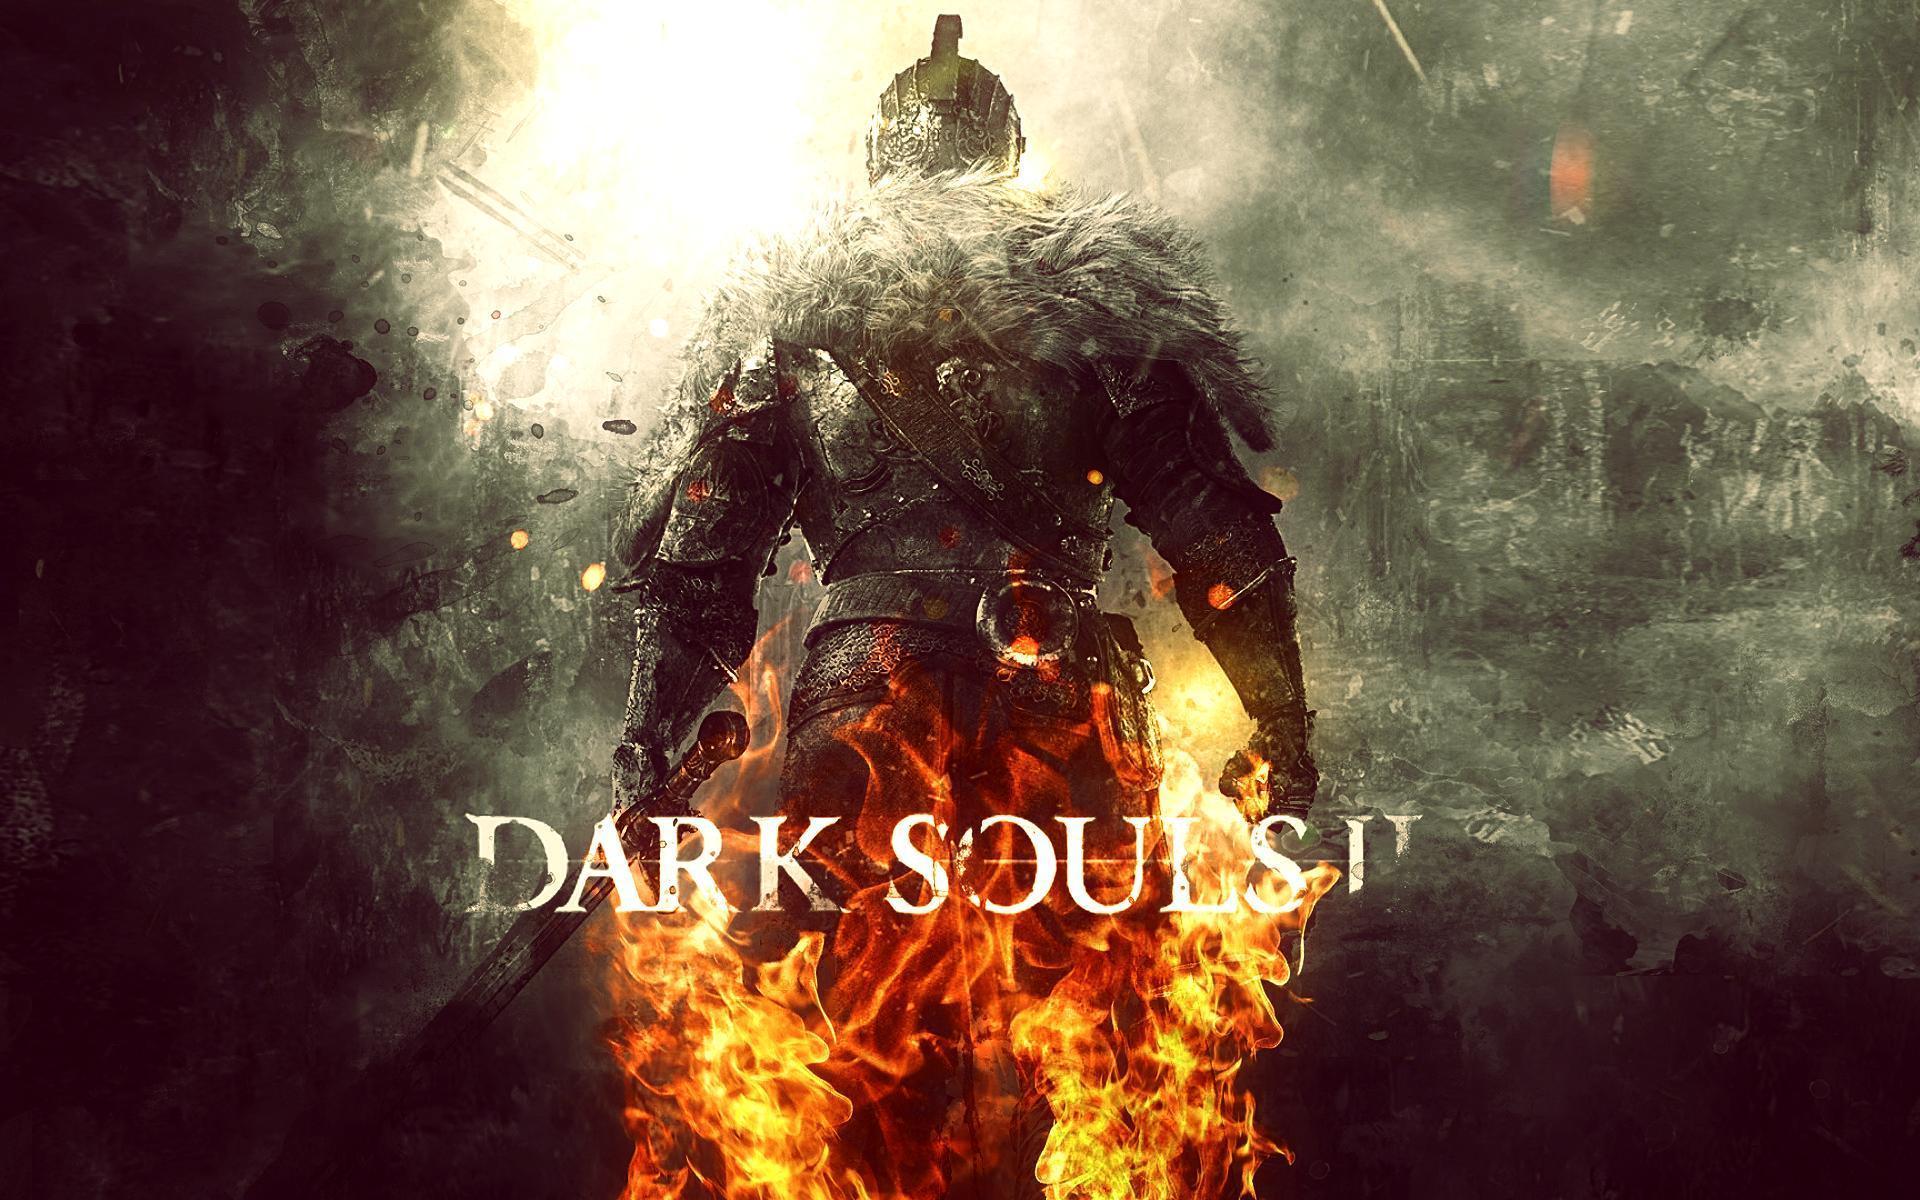 Dark Souls 2 Wallpaper Hd: Dark Souls Wallpapers